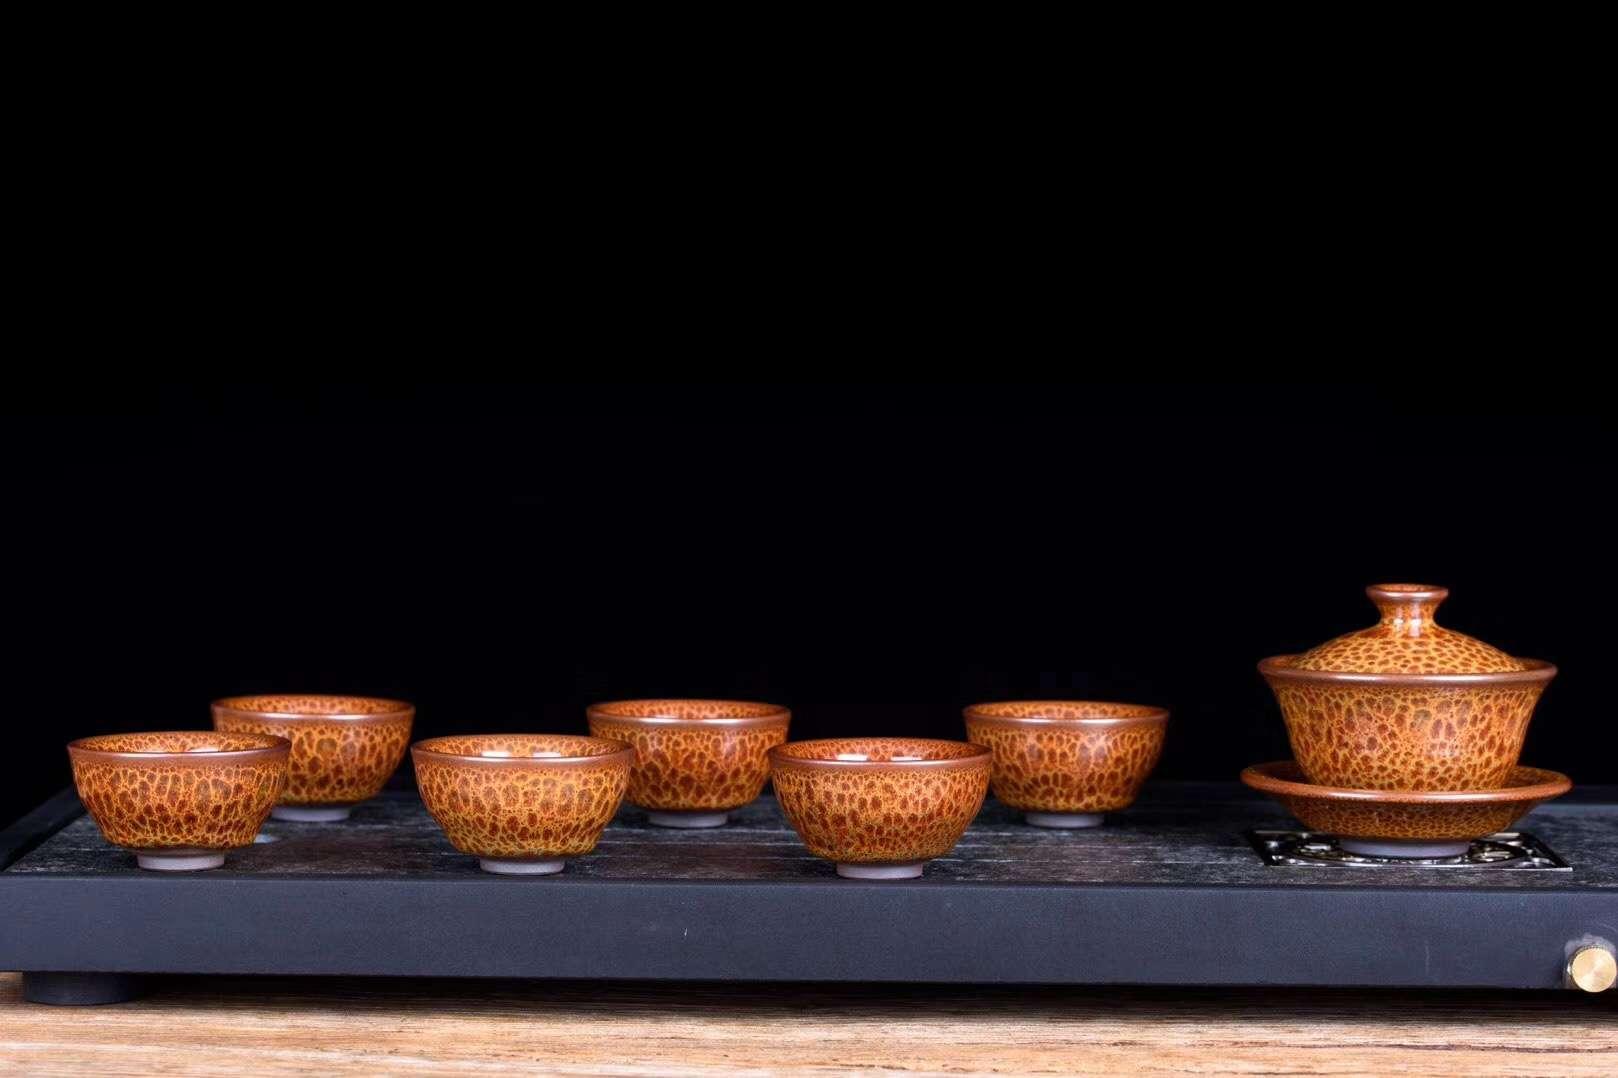 新品推荐  仿宋建盏  火龙鹧鸪   12件套茶具套装